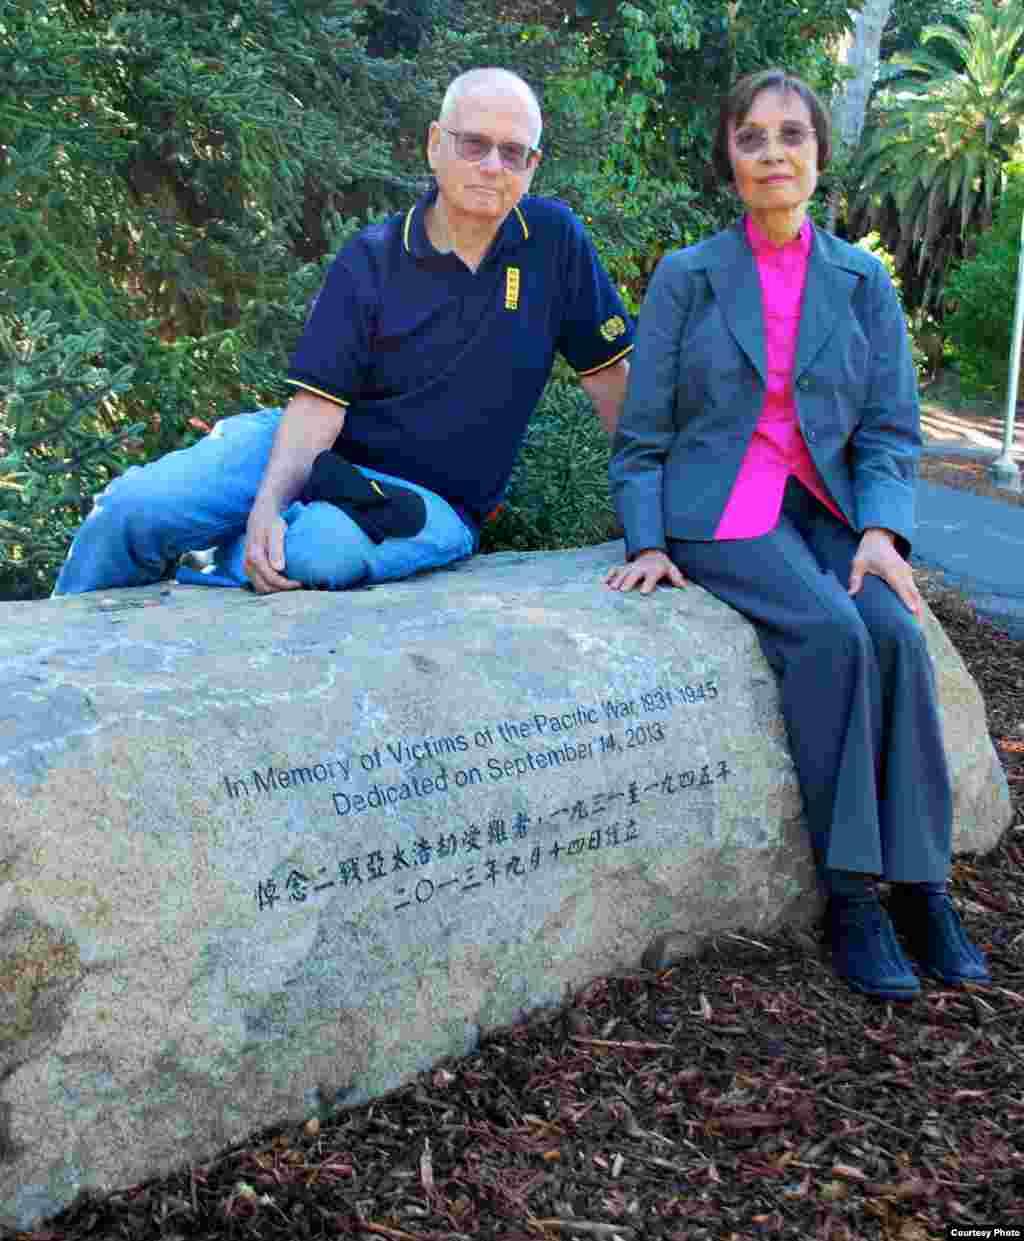 二战亚太战区受难者纪念座碑的推手陈碧仪教授和她的丈夫思比德(Jean Wasp提供)